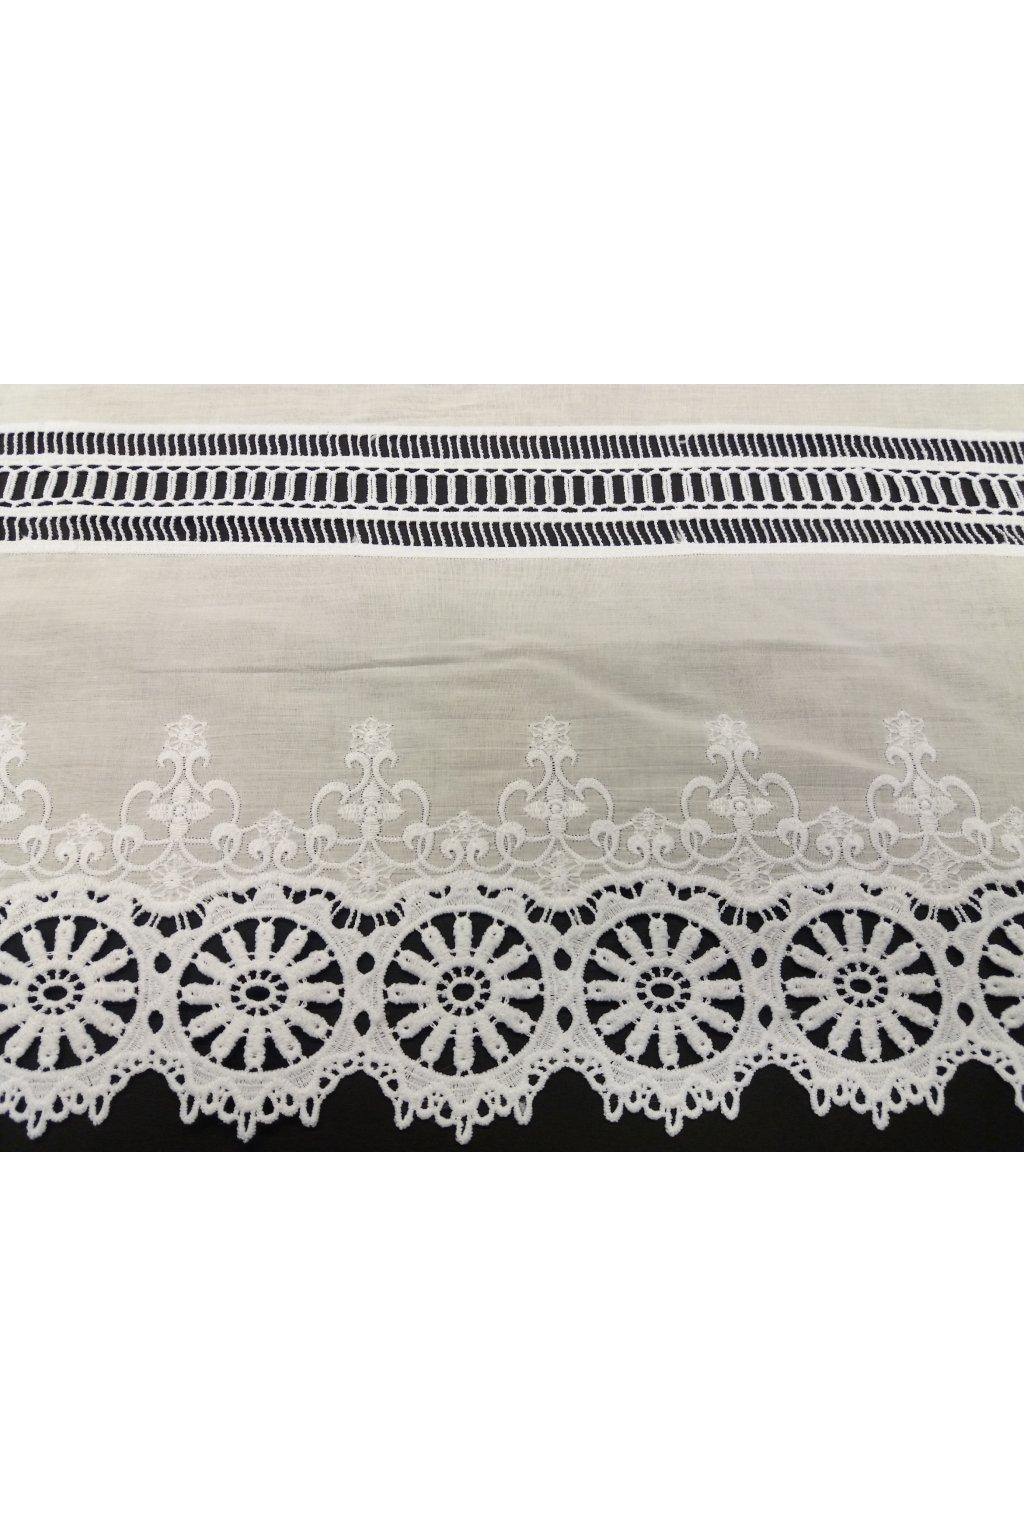 Cotton bordura